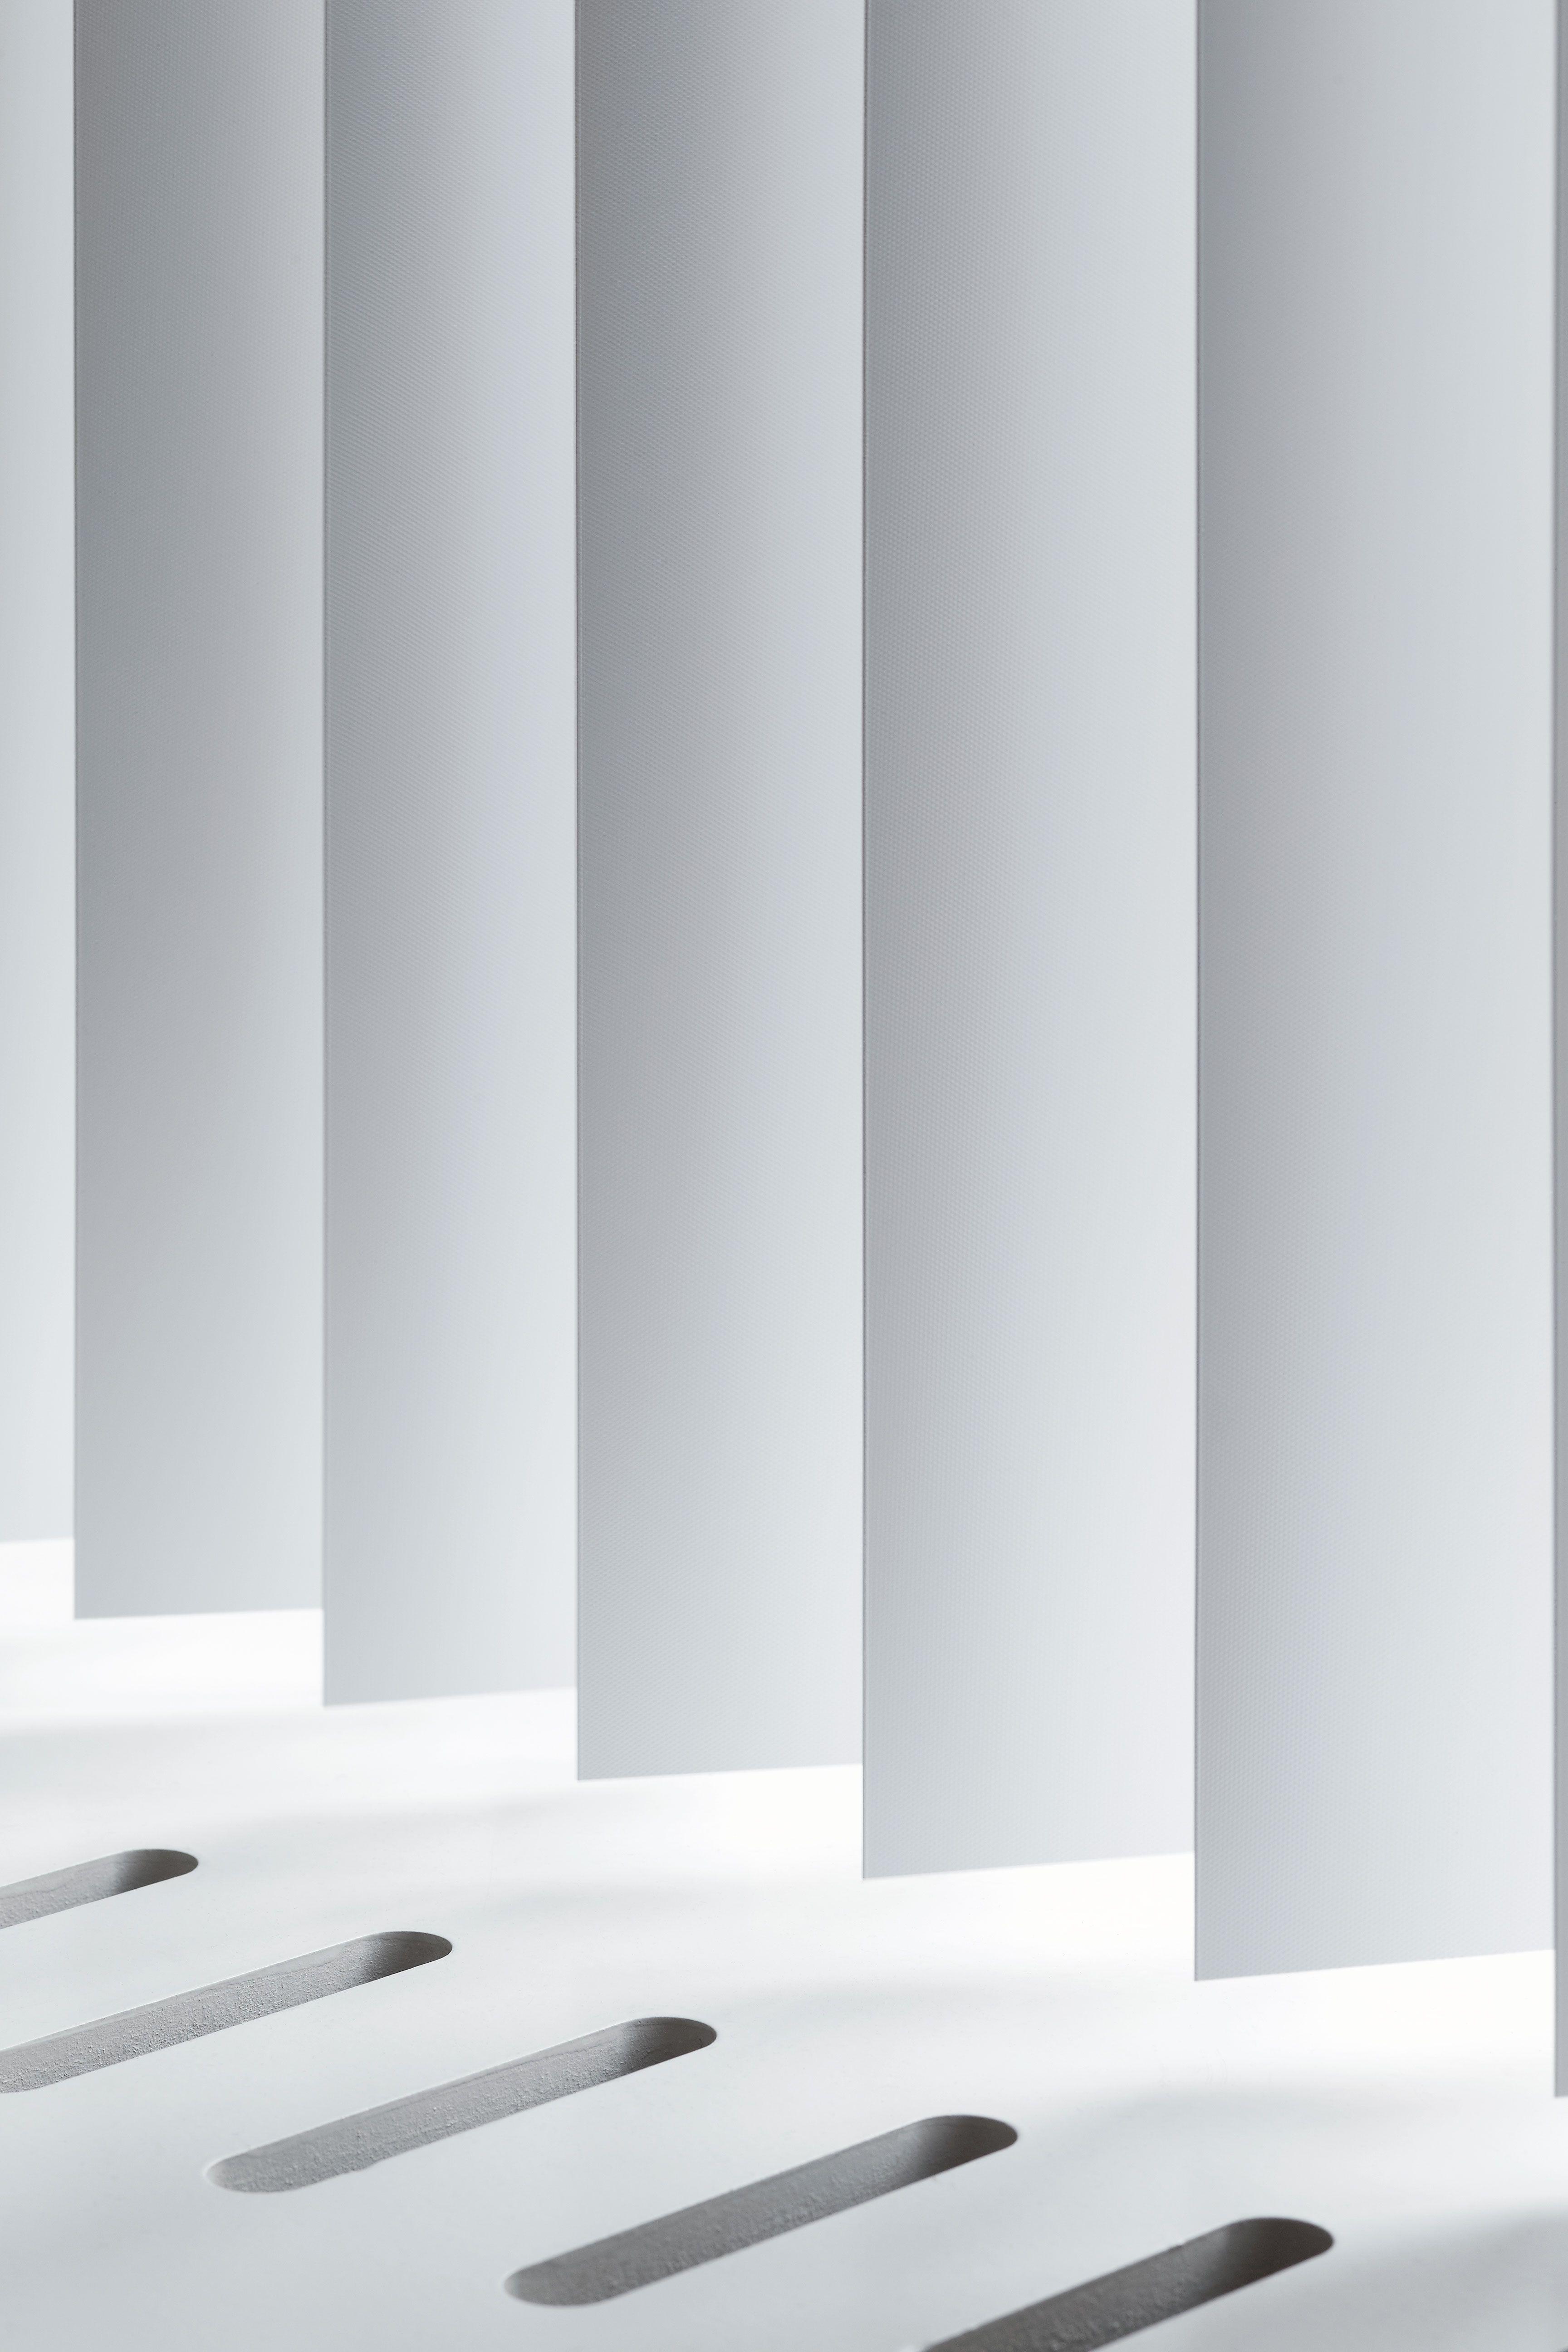 lamellen stunning gebogene fr trbogen with lamellen sunfree vertikal lamellen vorhang farbe. Black Bedroom Furniture Sets. Home Design Ideas